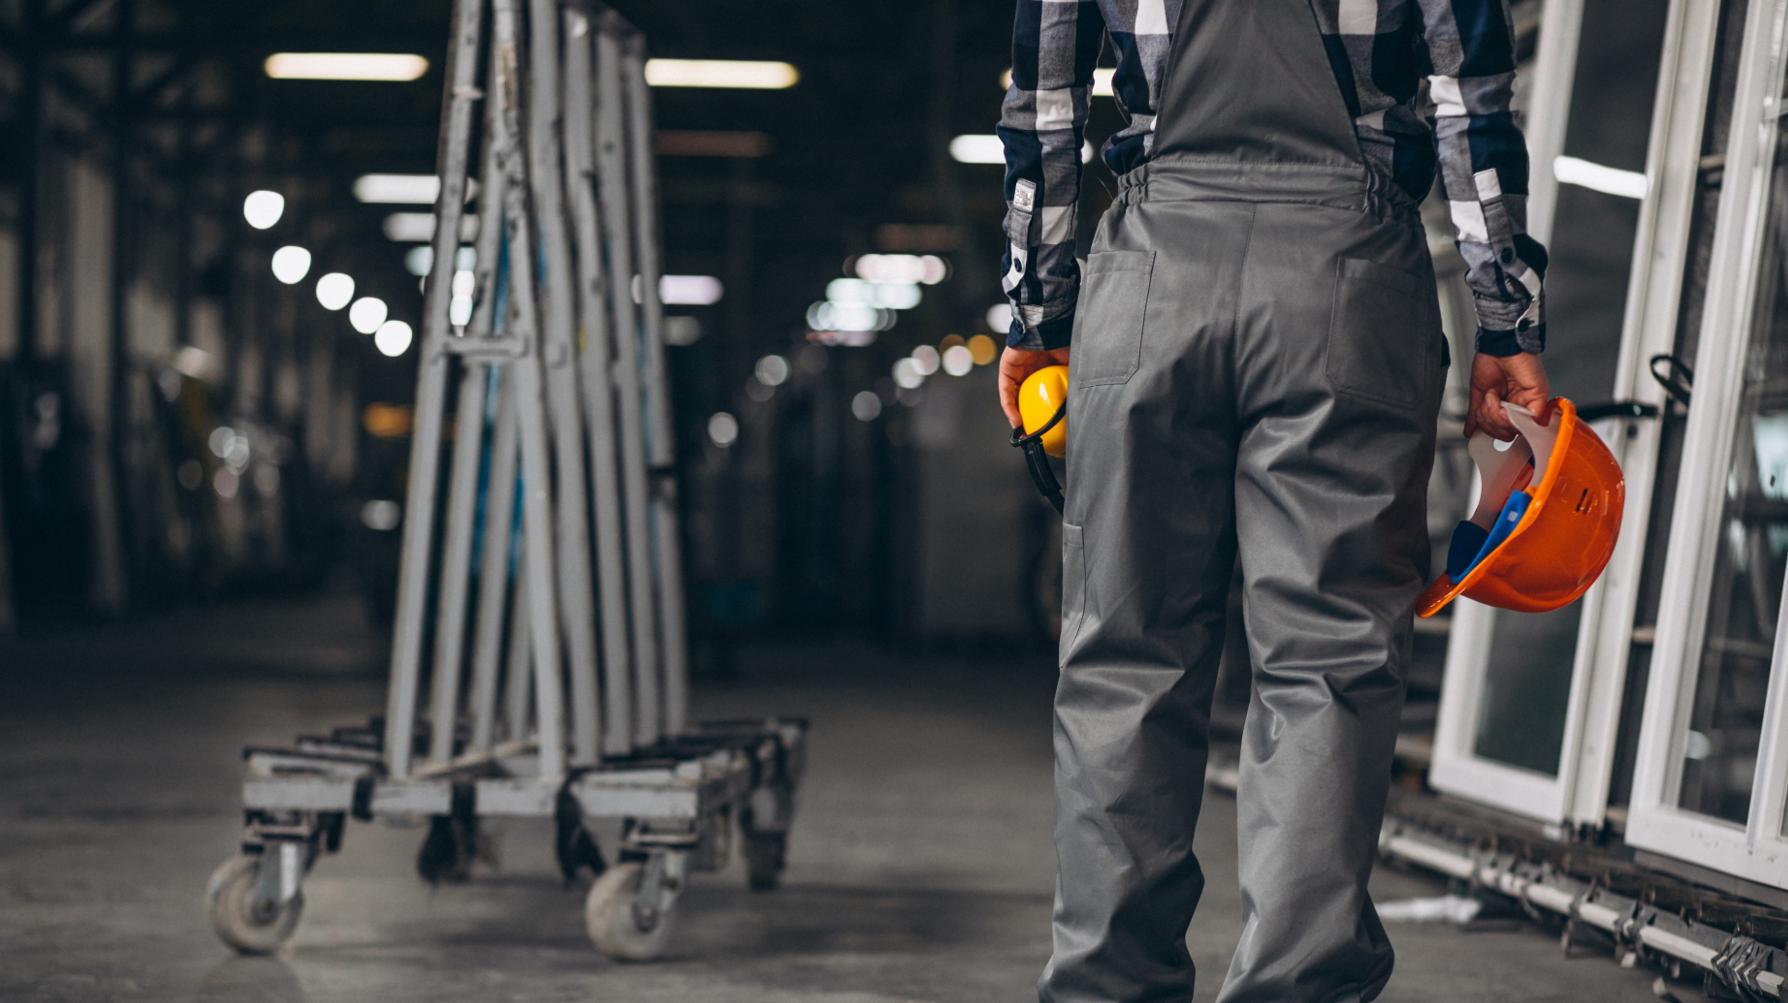 En Disomaq somos expertos en la venta, instalación y reparación de maquinaria para Aluminio, PVC, metacrilato y Composite